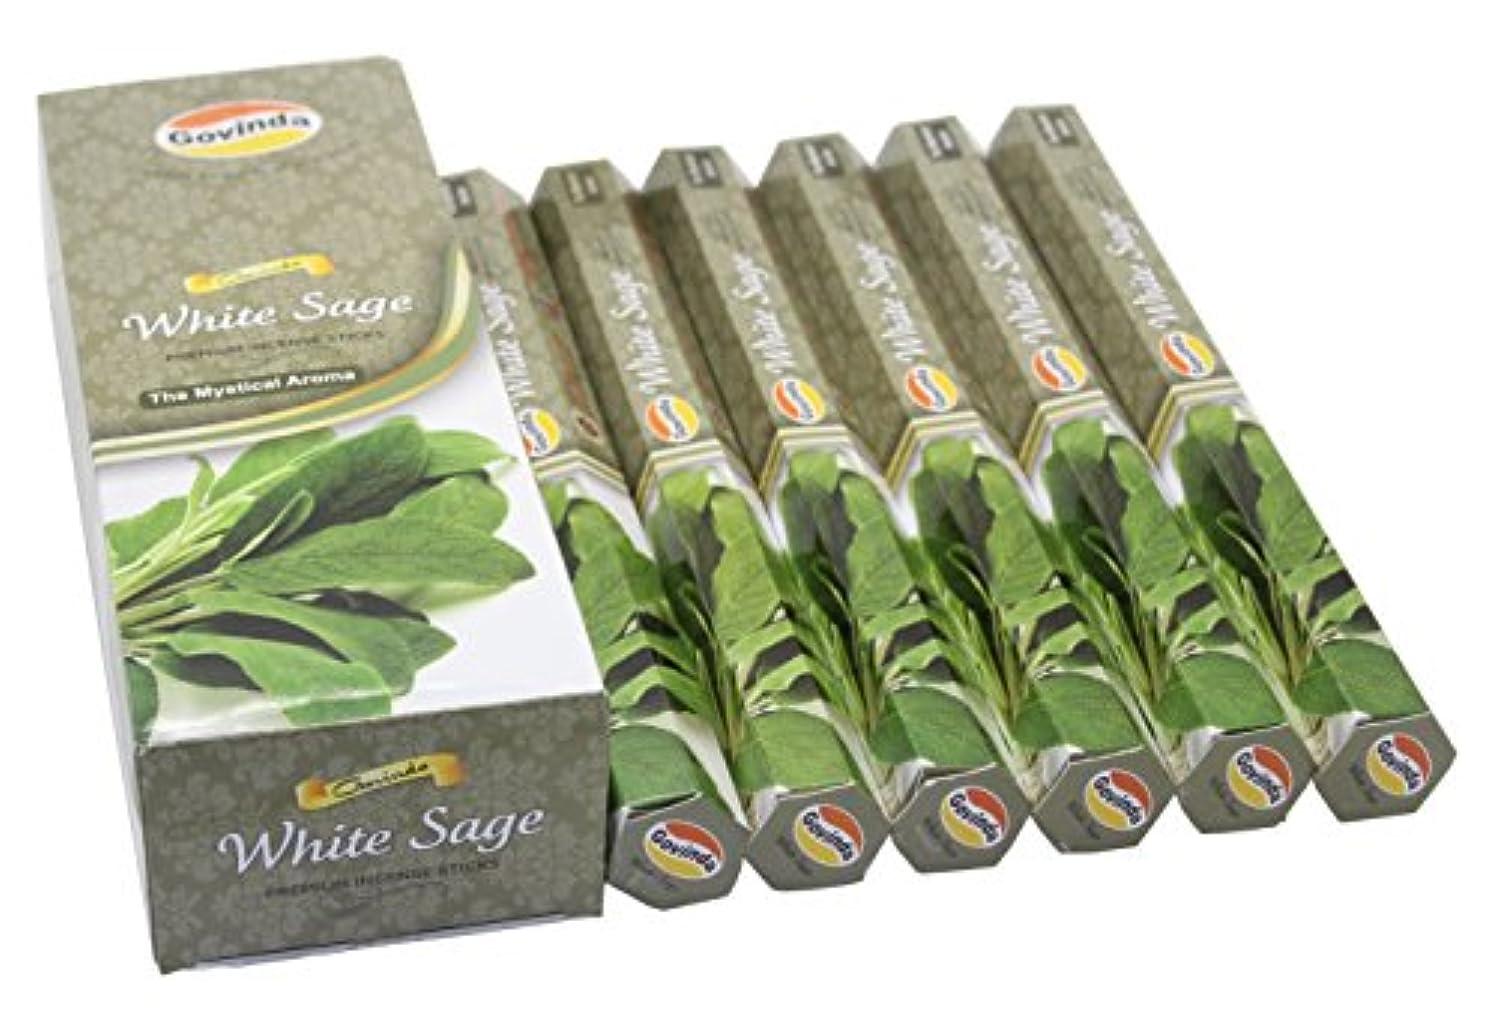 けん引窒素部分Govinda Incense - White Sage - 120 Incense Sticks, Premium Incense, Masala Coated